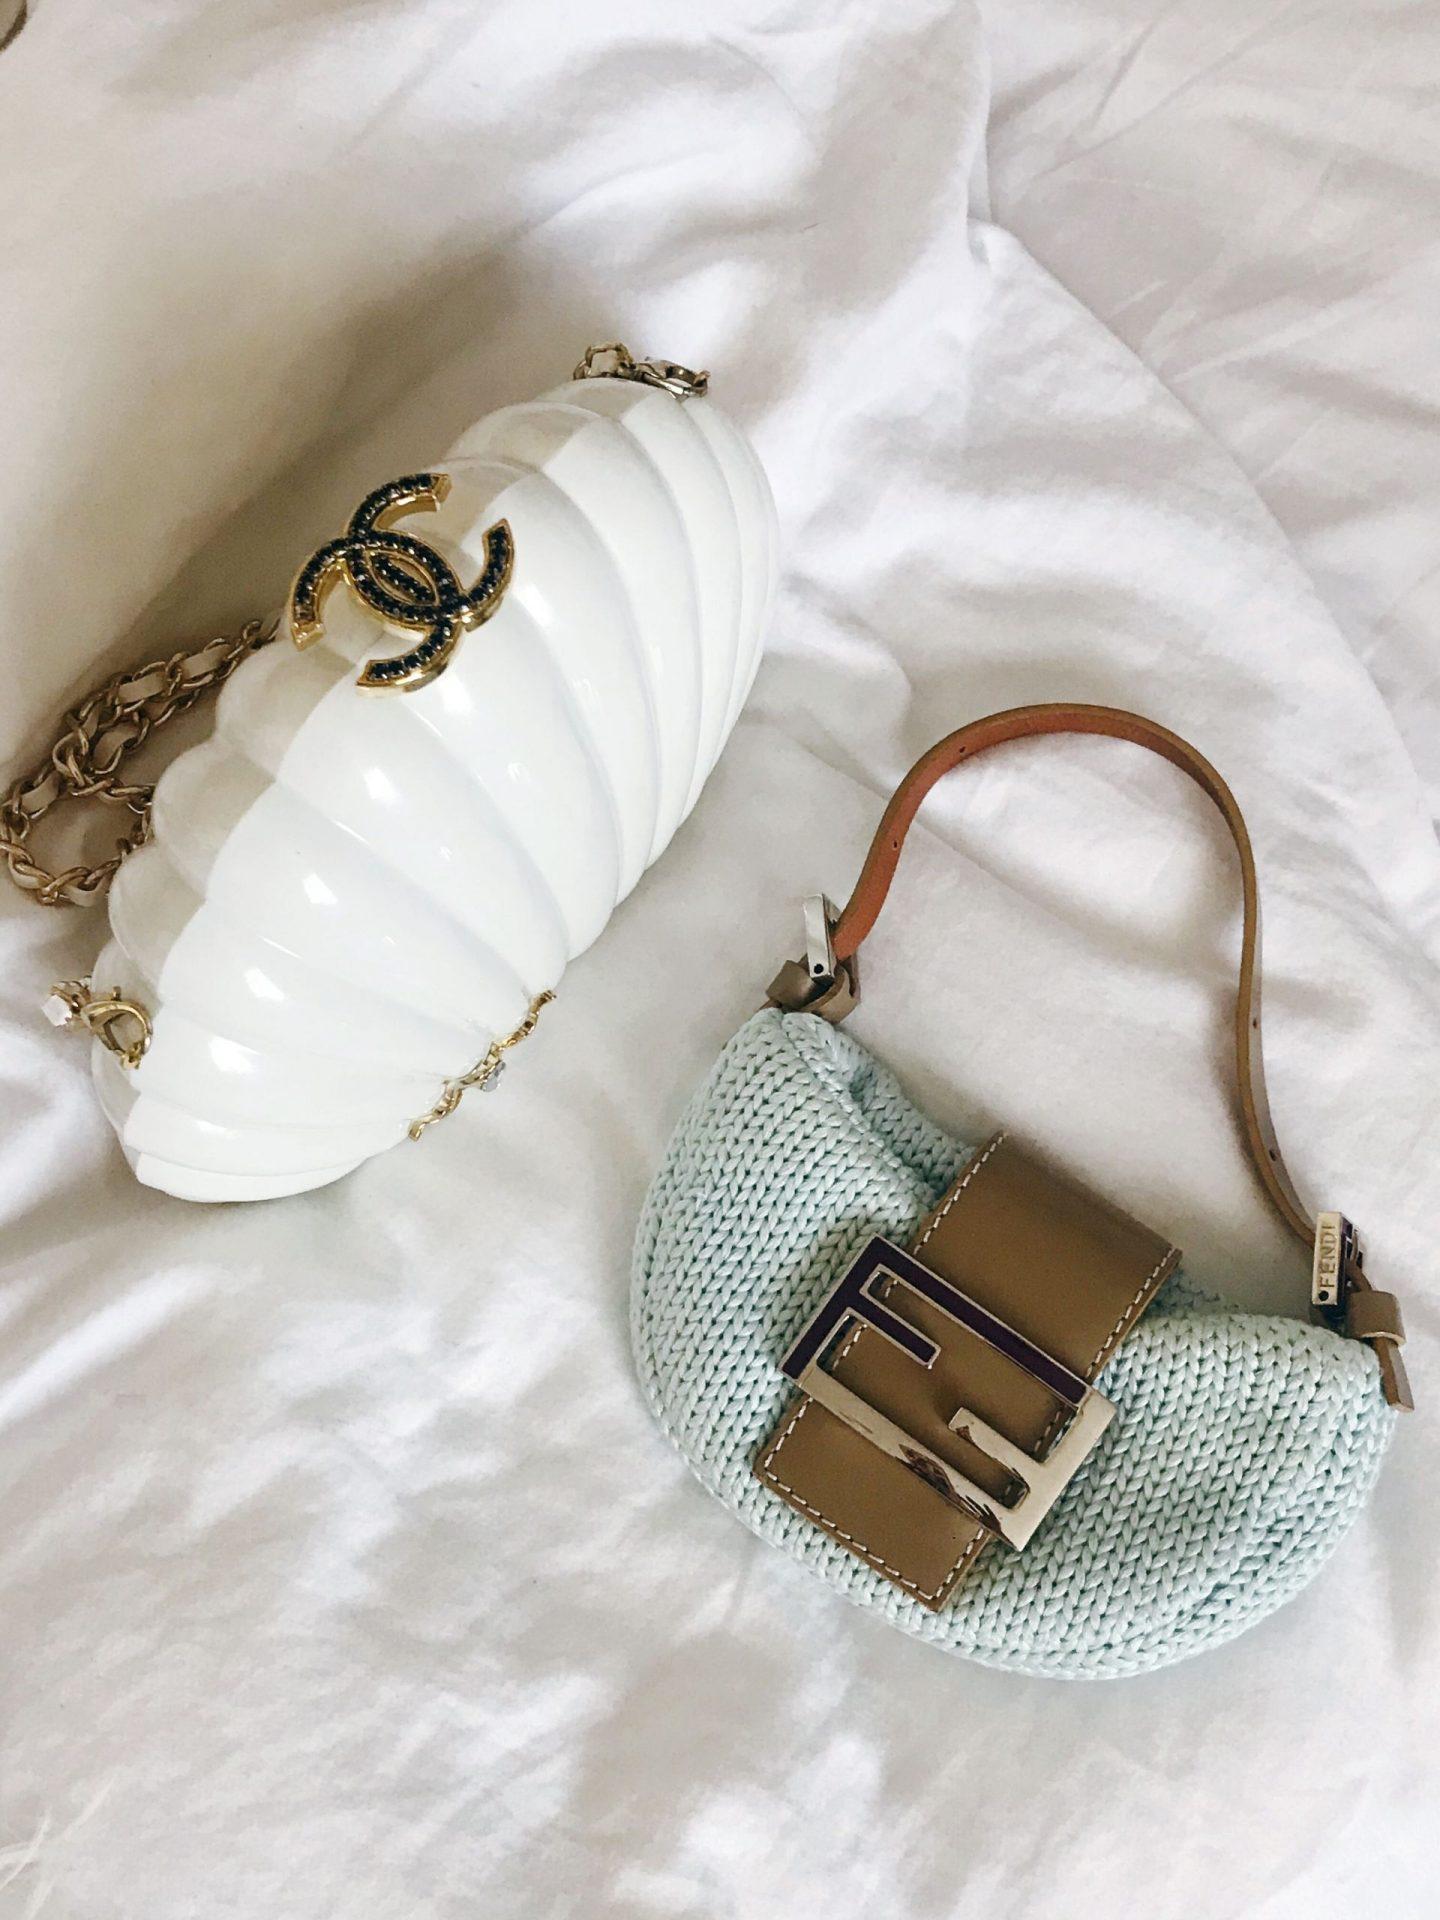 Designers Bags To Buy Vintage or Preloved